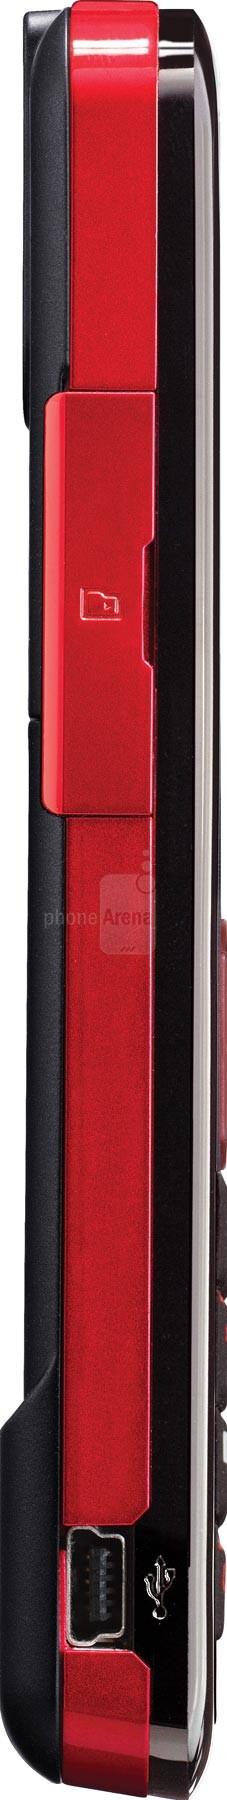 Motorola Q9m